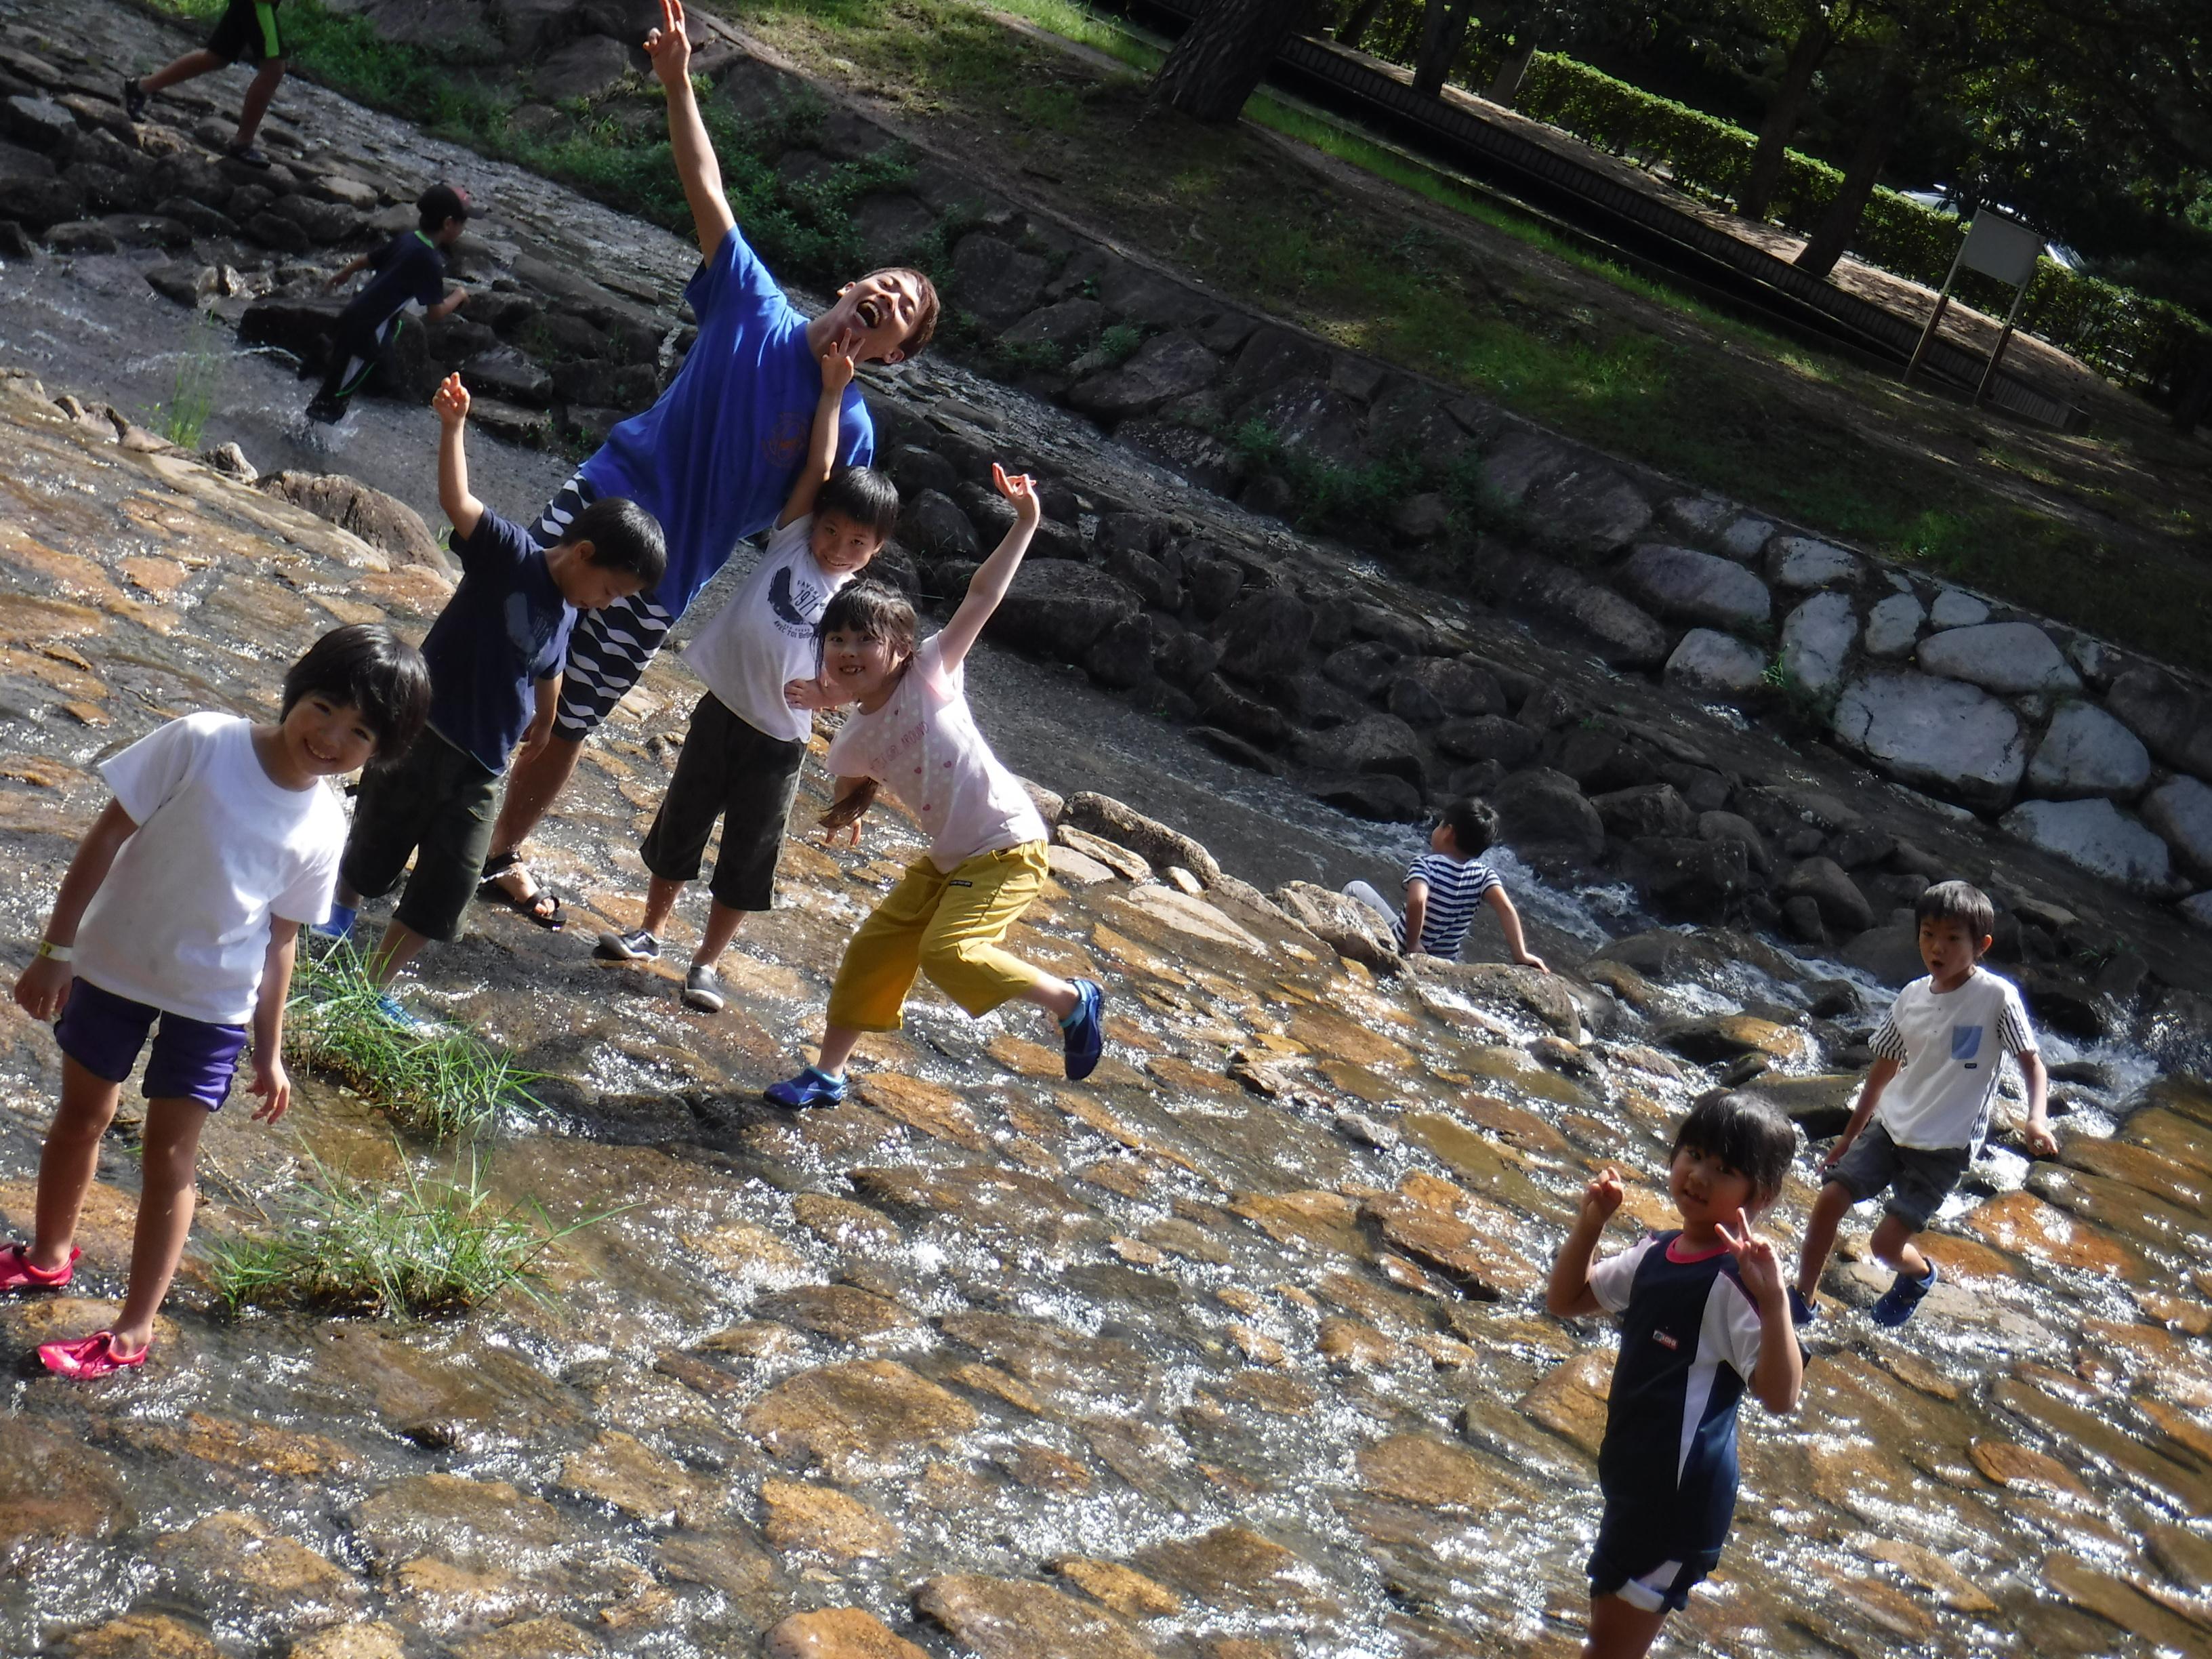 2018年9月:ダッチオーブンで炭火焼ドリア&小川遊び!